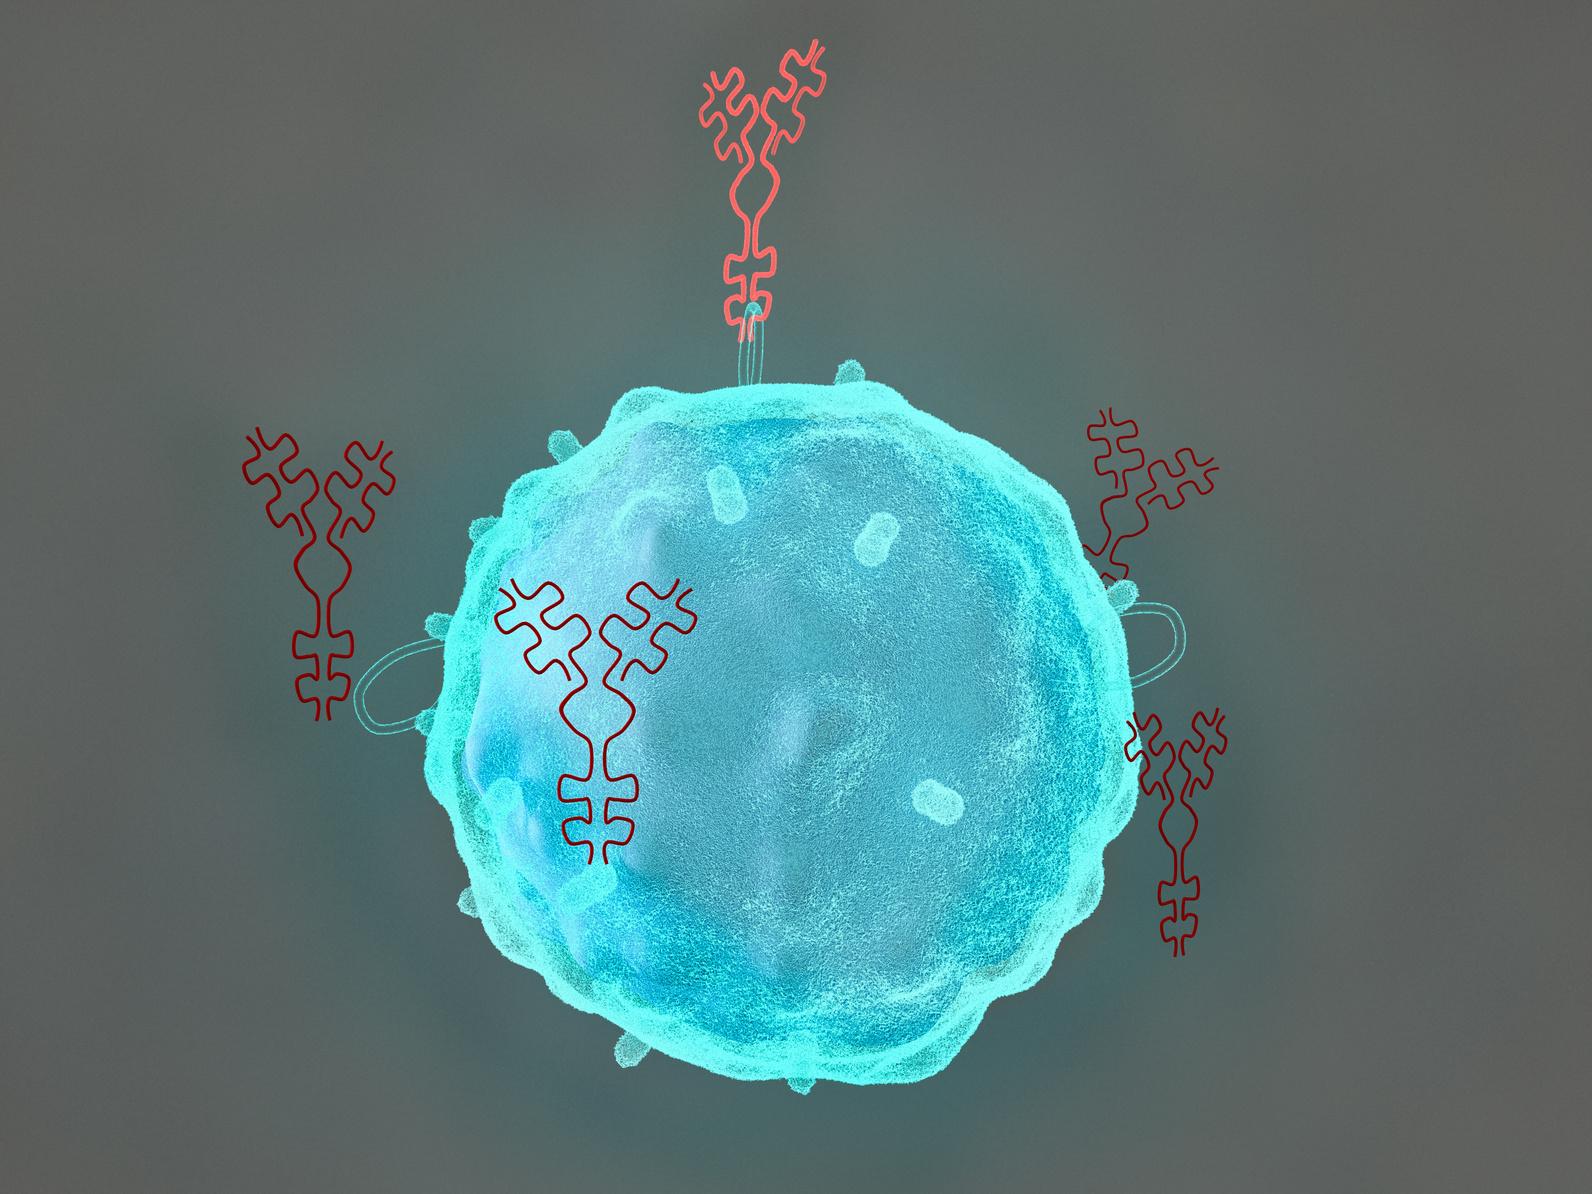 Взаимодействие b-лимфоцита и молекулы антитела